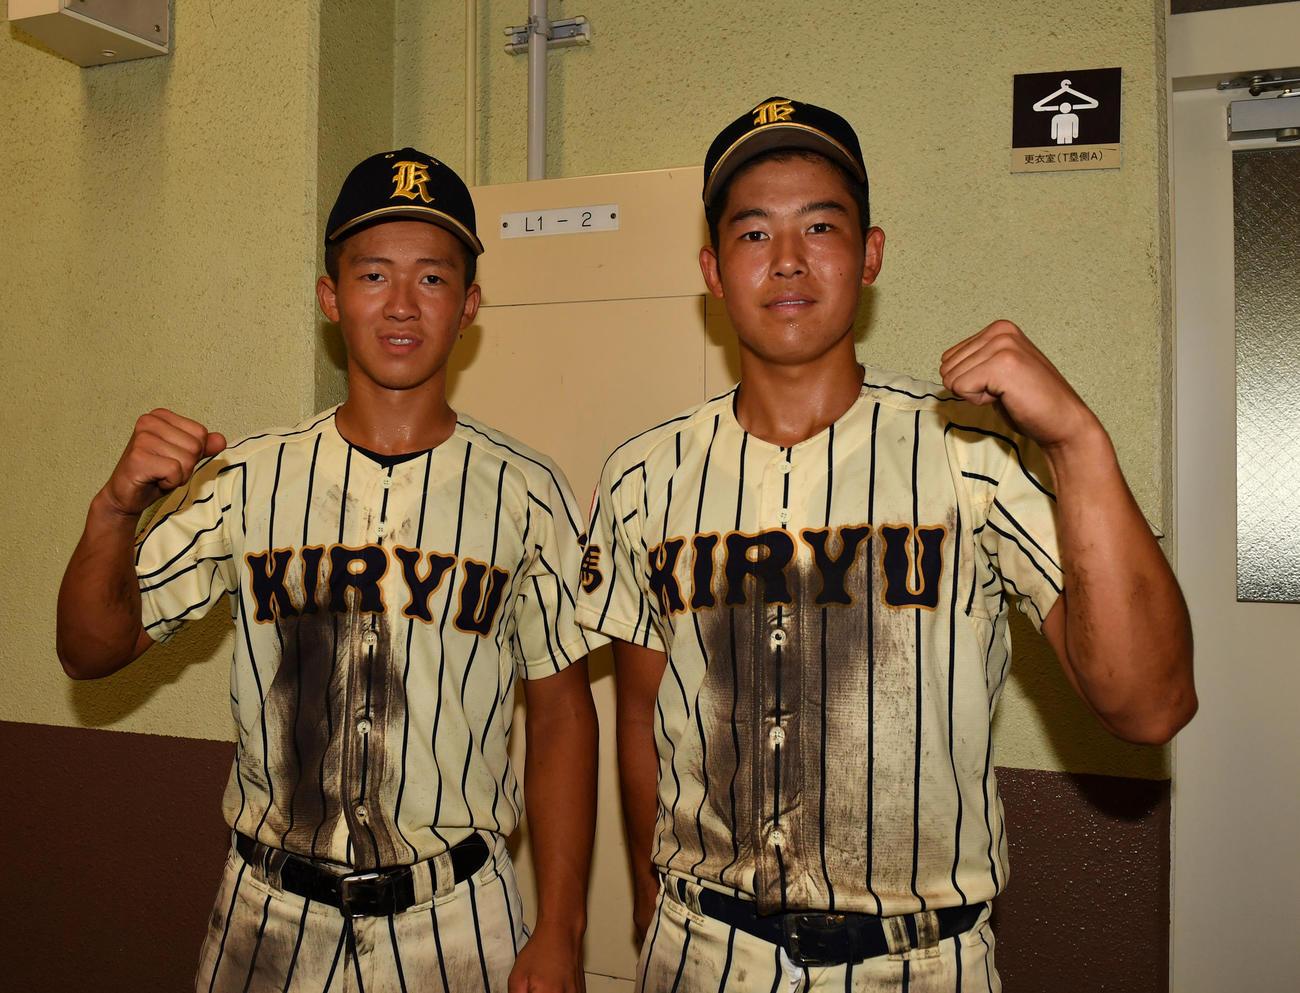 7月、高崎商大付に勝利しガッツポーズする桐生第一・福士(左)と広瀬